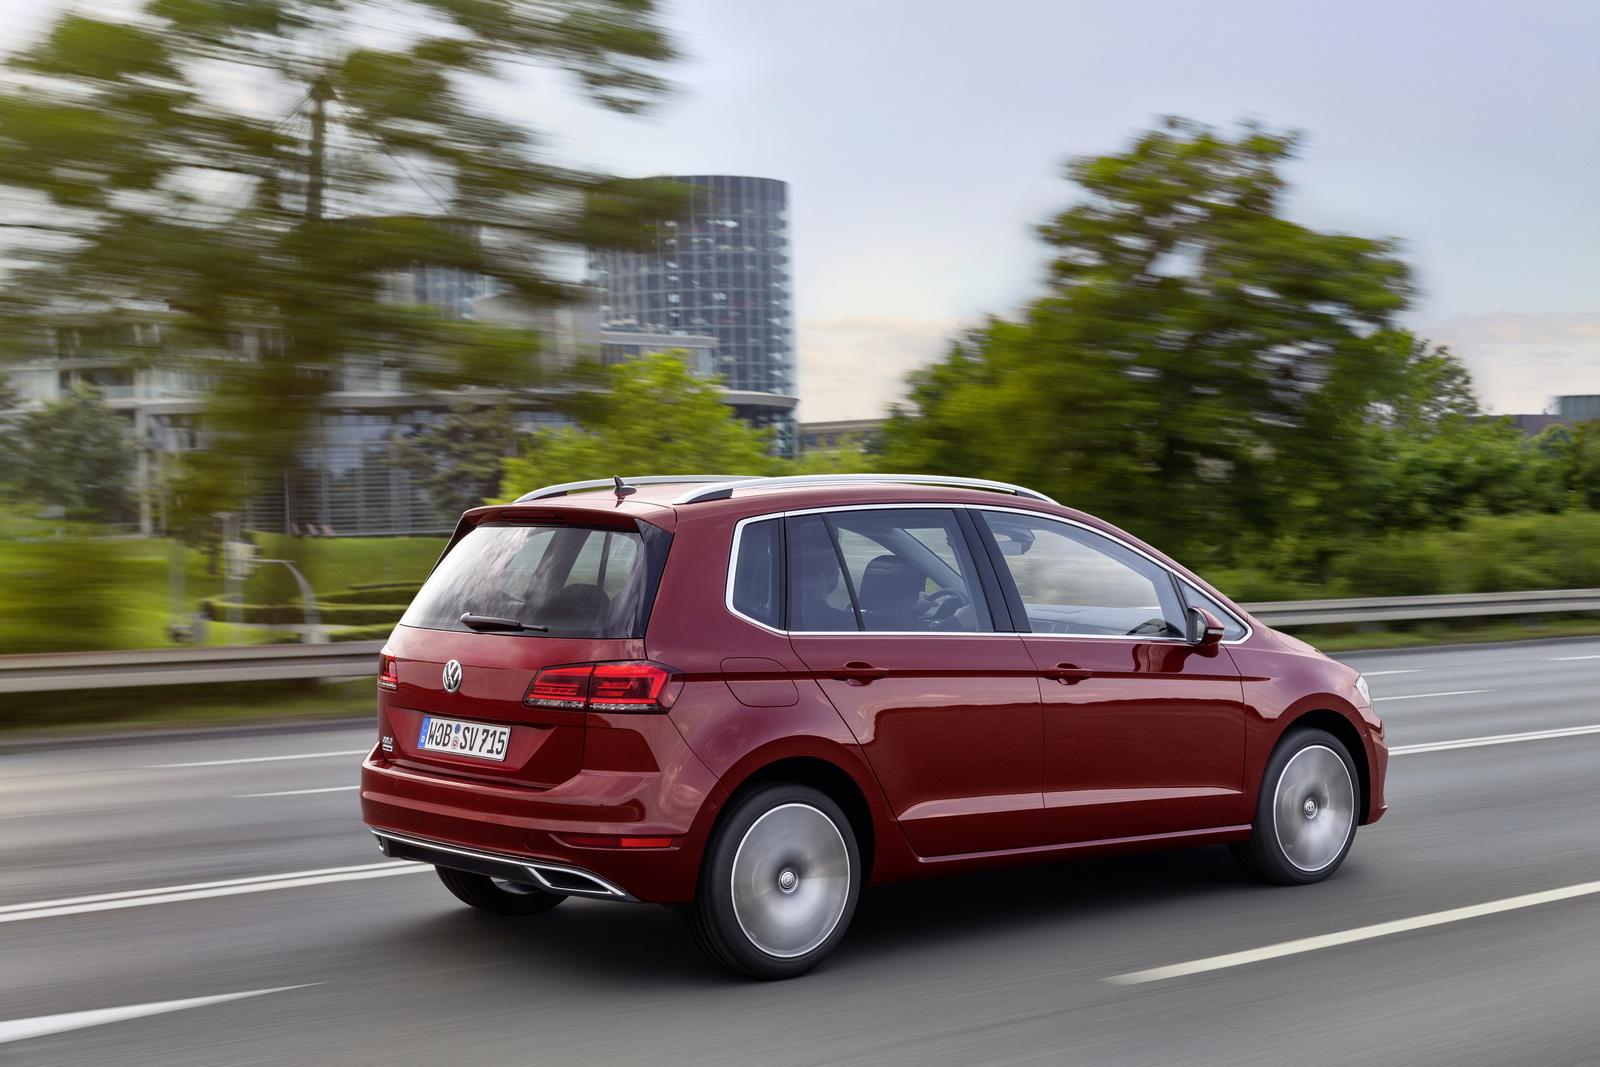 2018_Volkswagen_Golf_Sportsvan_facelift_08